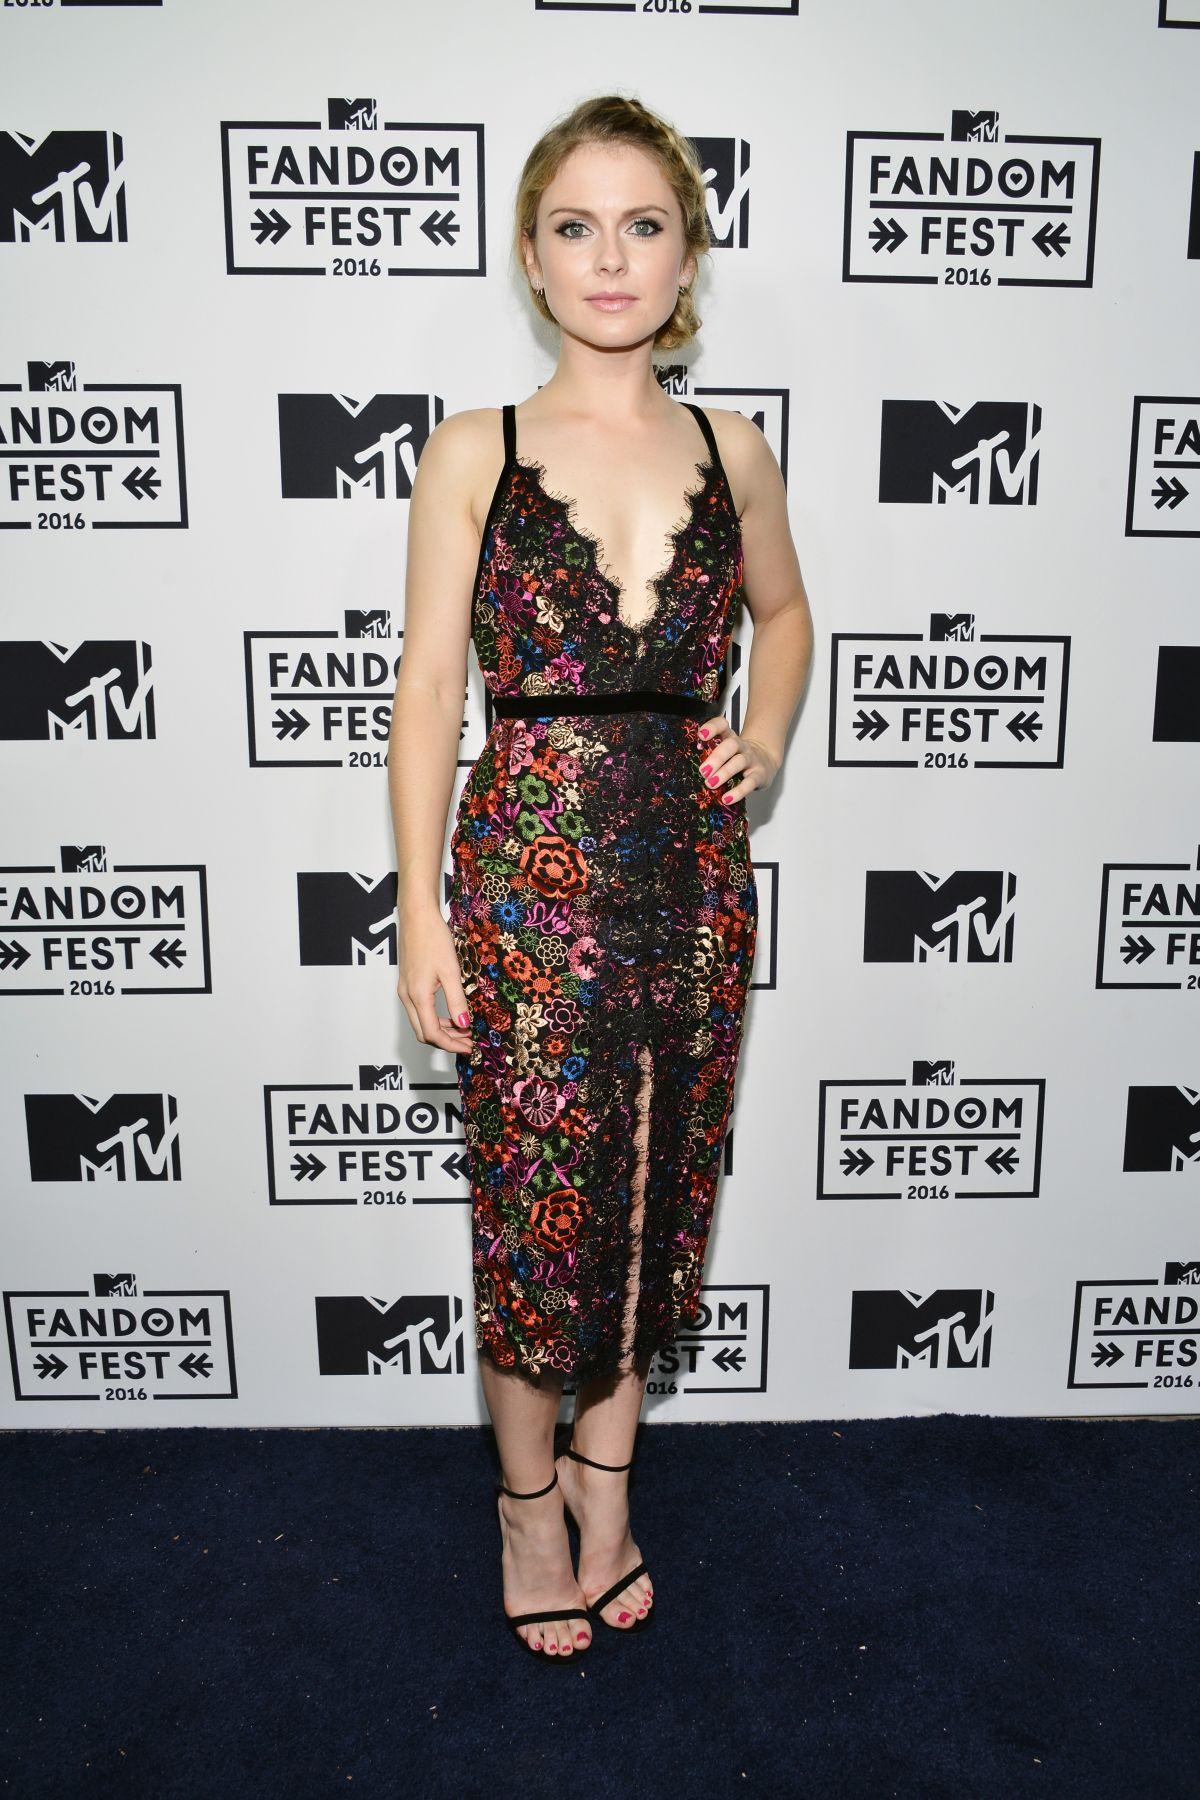 ROSE MCIVER at MTV Fandom Awards in San Diego 07/21/2016